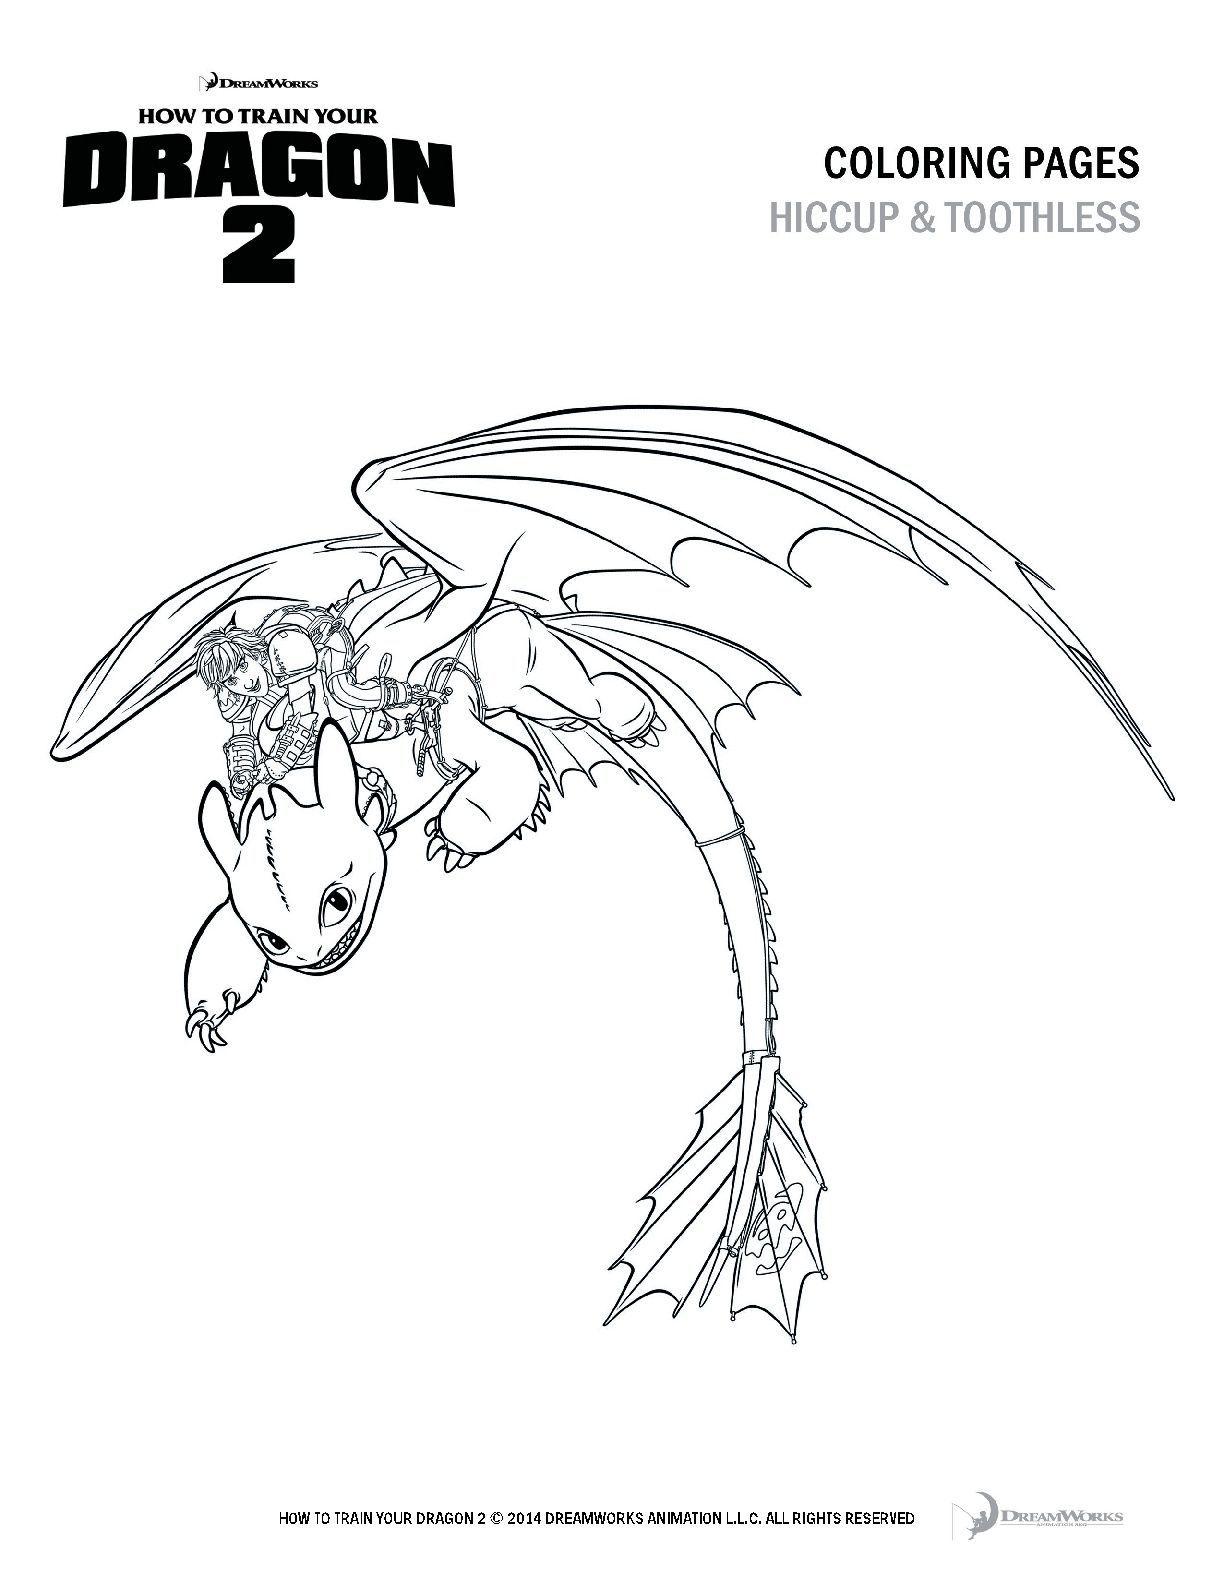 Pin By Frustina007 On Sz Atilde Shy Nez Aring K Dragon Coloring Page How Draken Tekeningen Drake Hoe Tem Je Een Draak